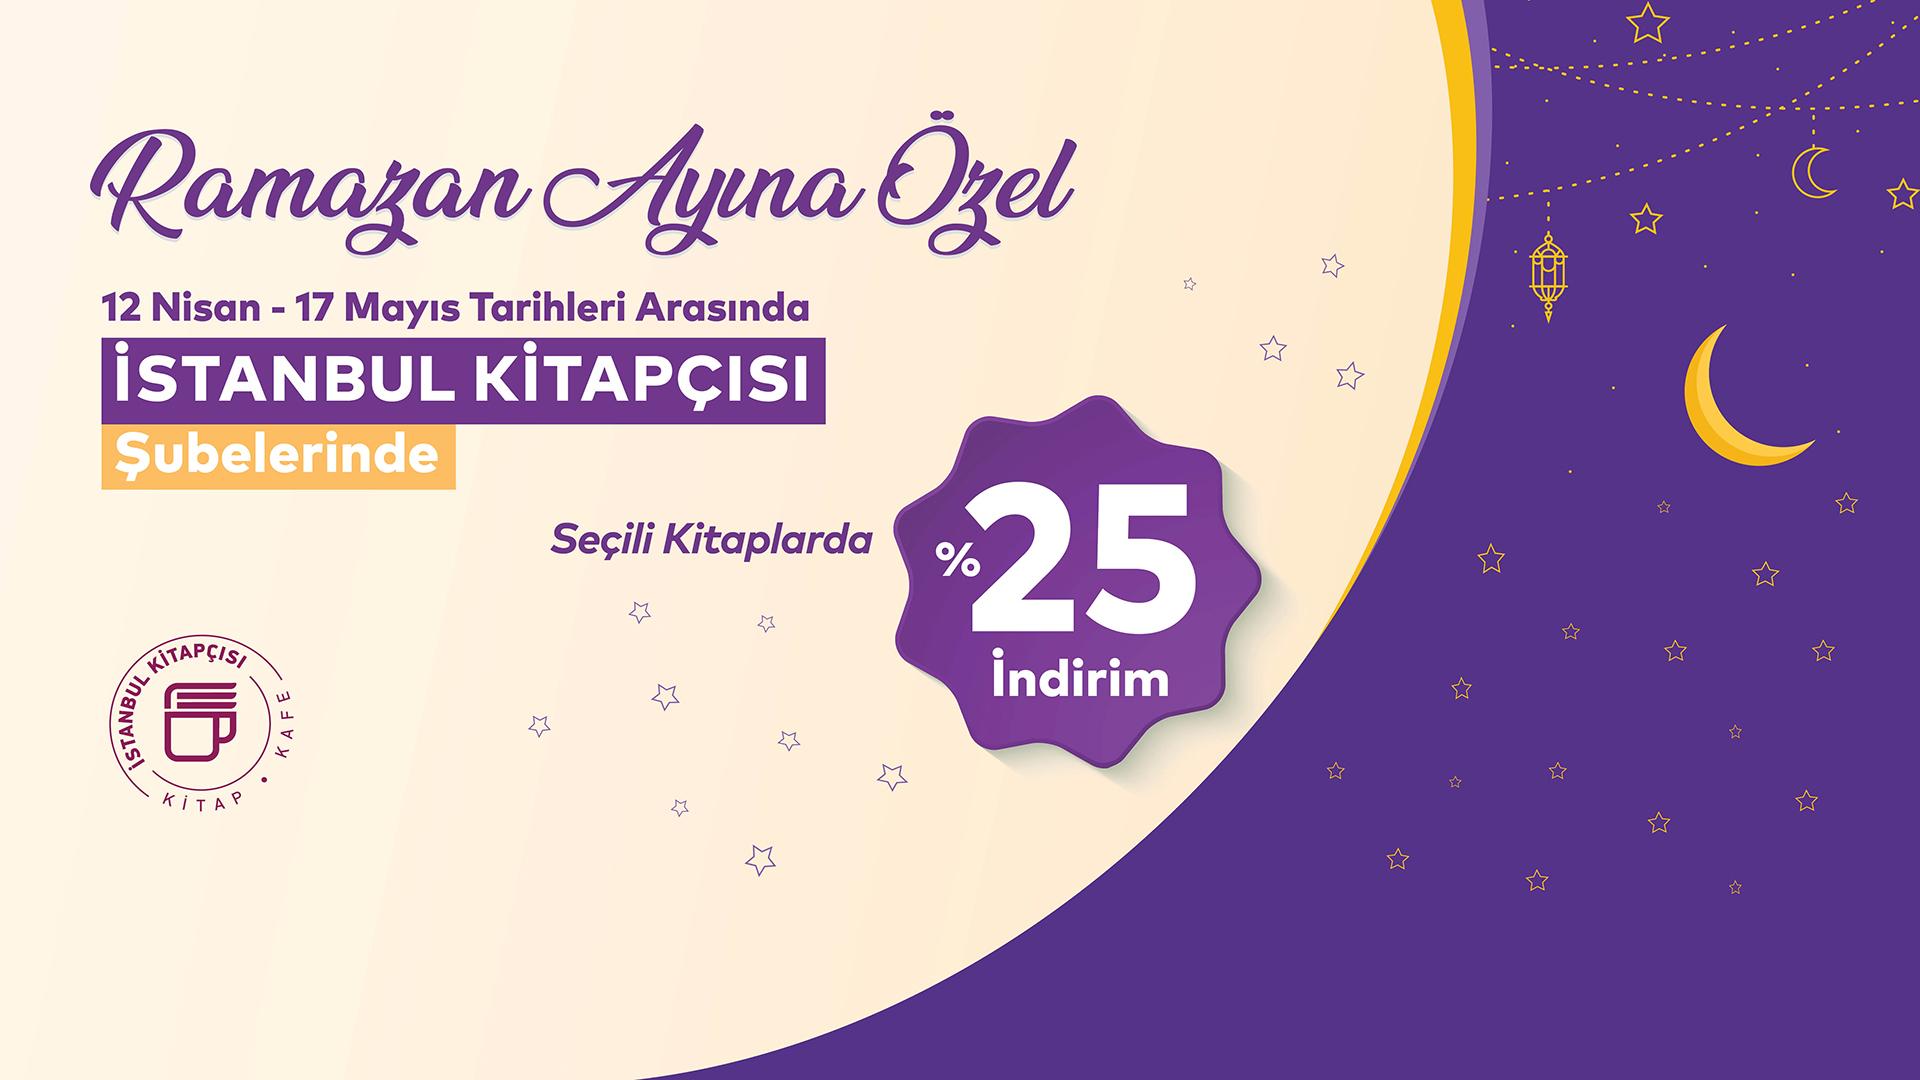 İstanbul Kitapçısı'ndan Ramazan ayına özel kampanya!